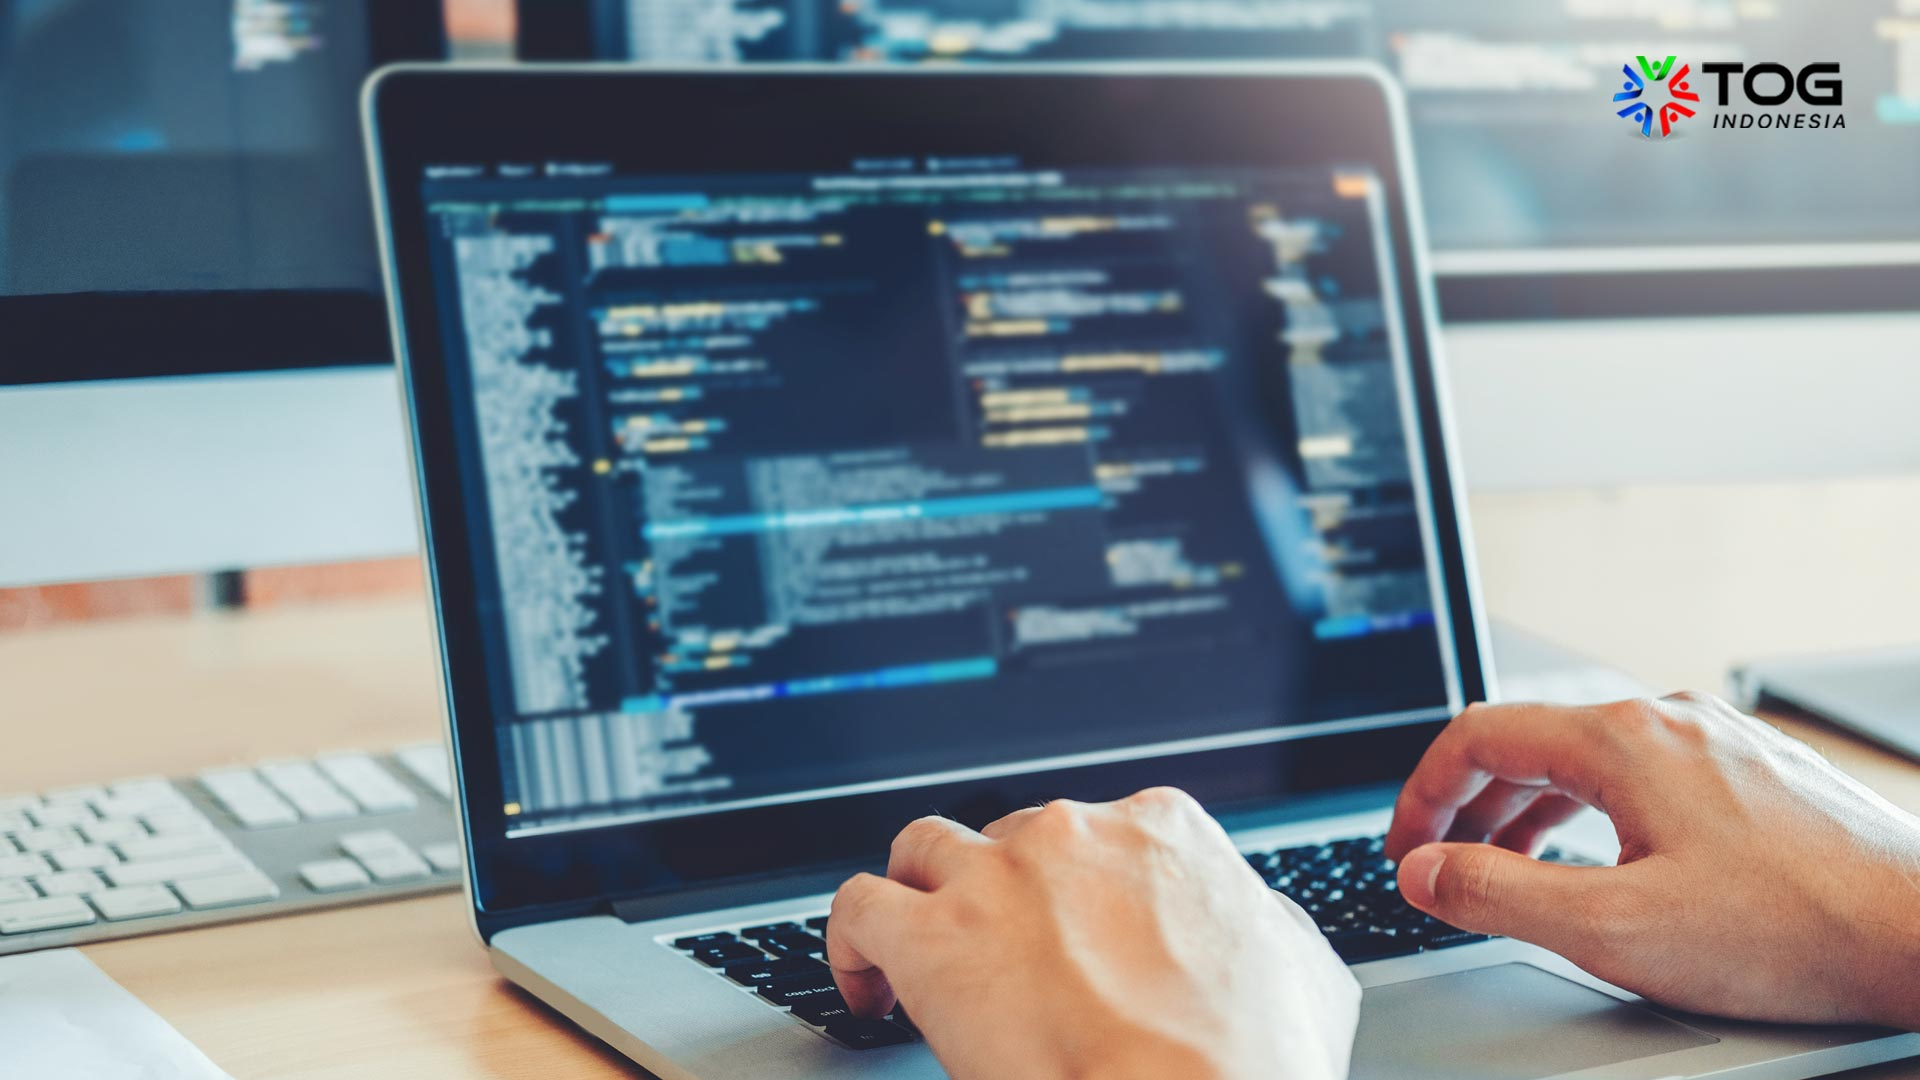 Kisaran Gaji Blockchain Developer Tahun 2021